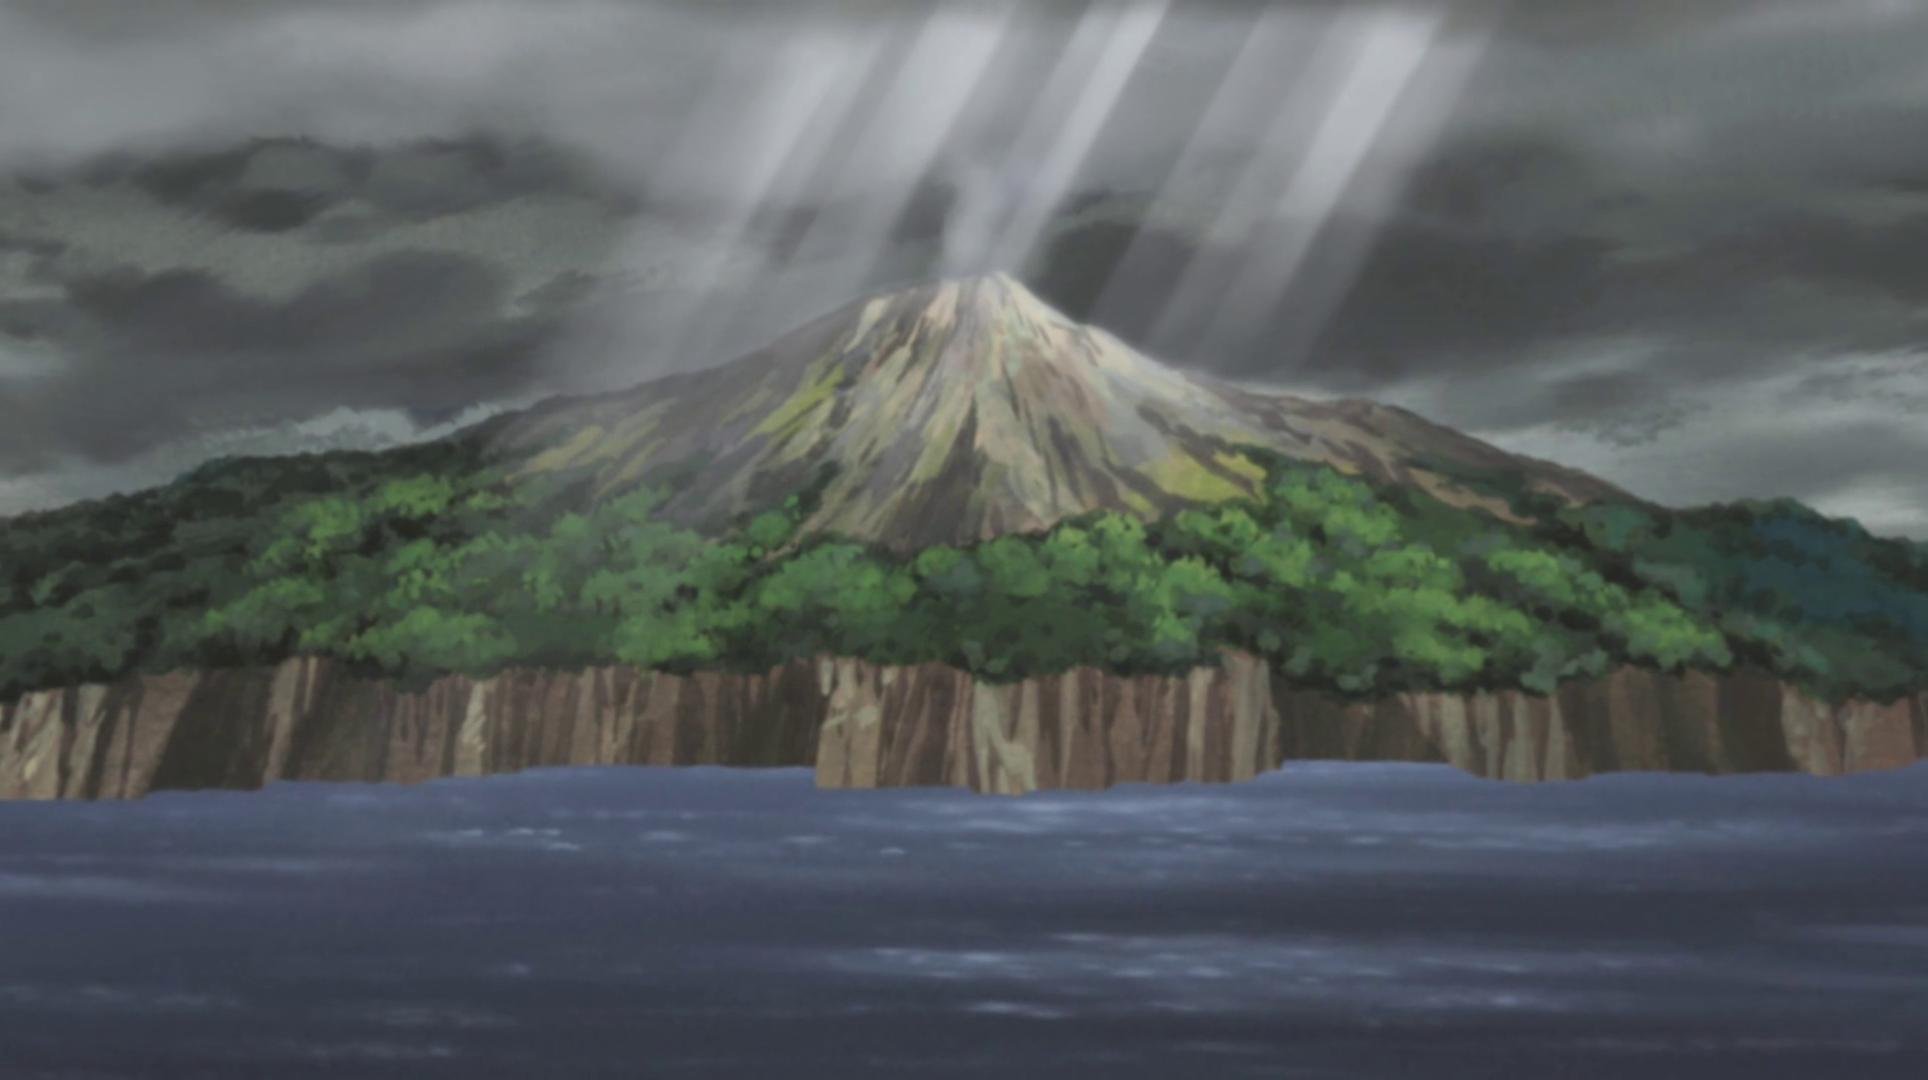 L'Île de l'oubli